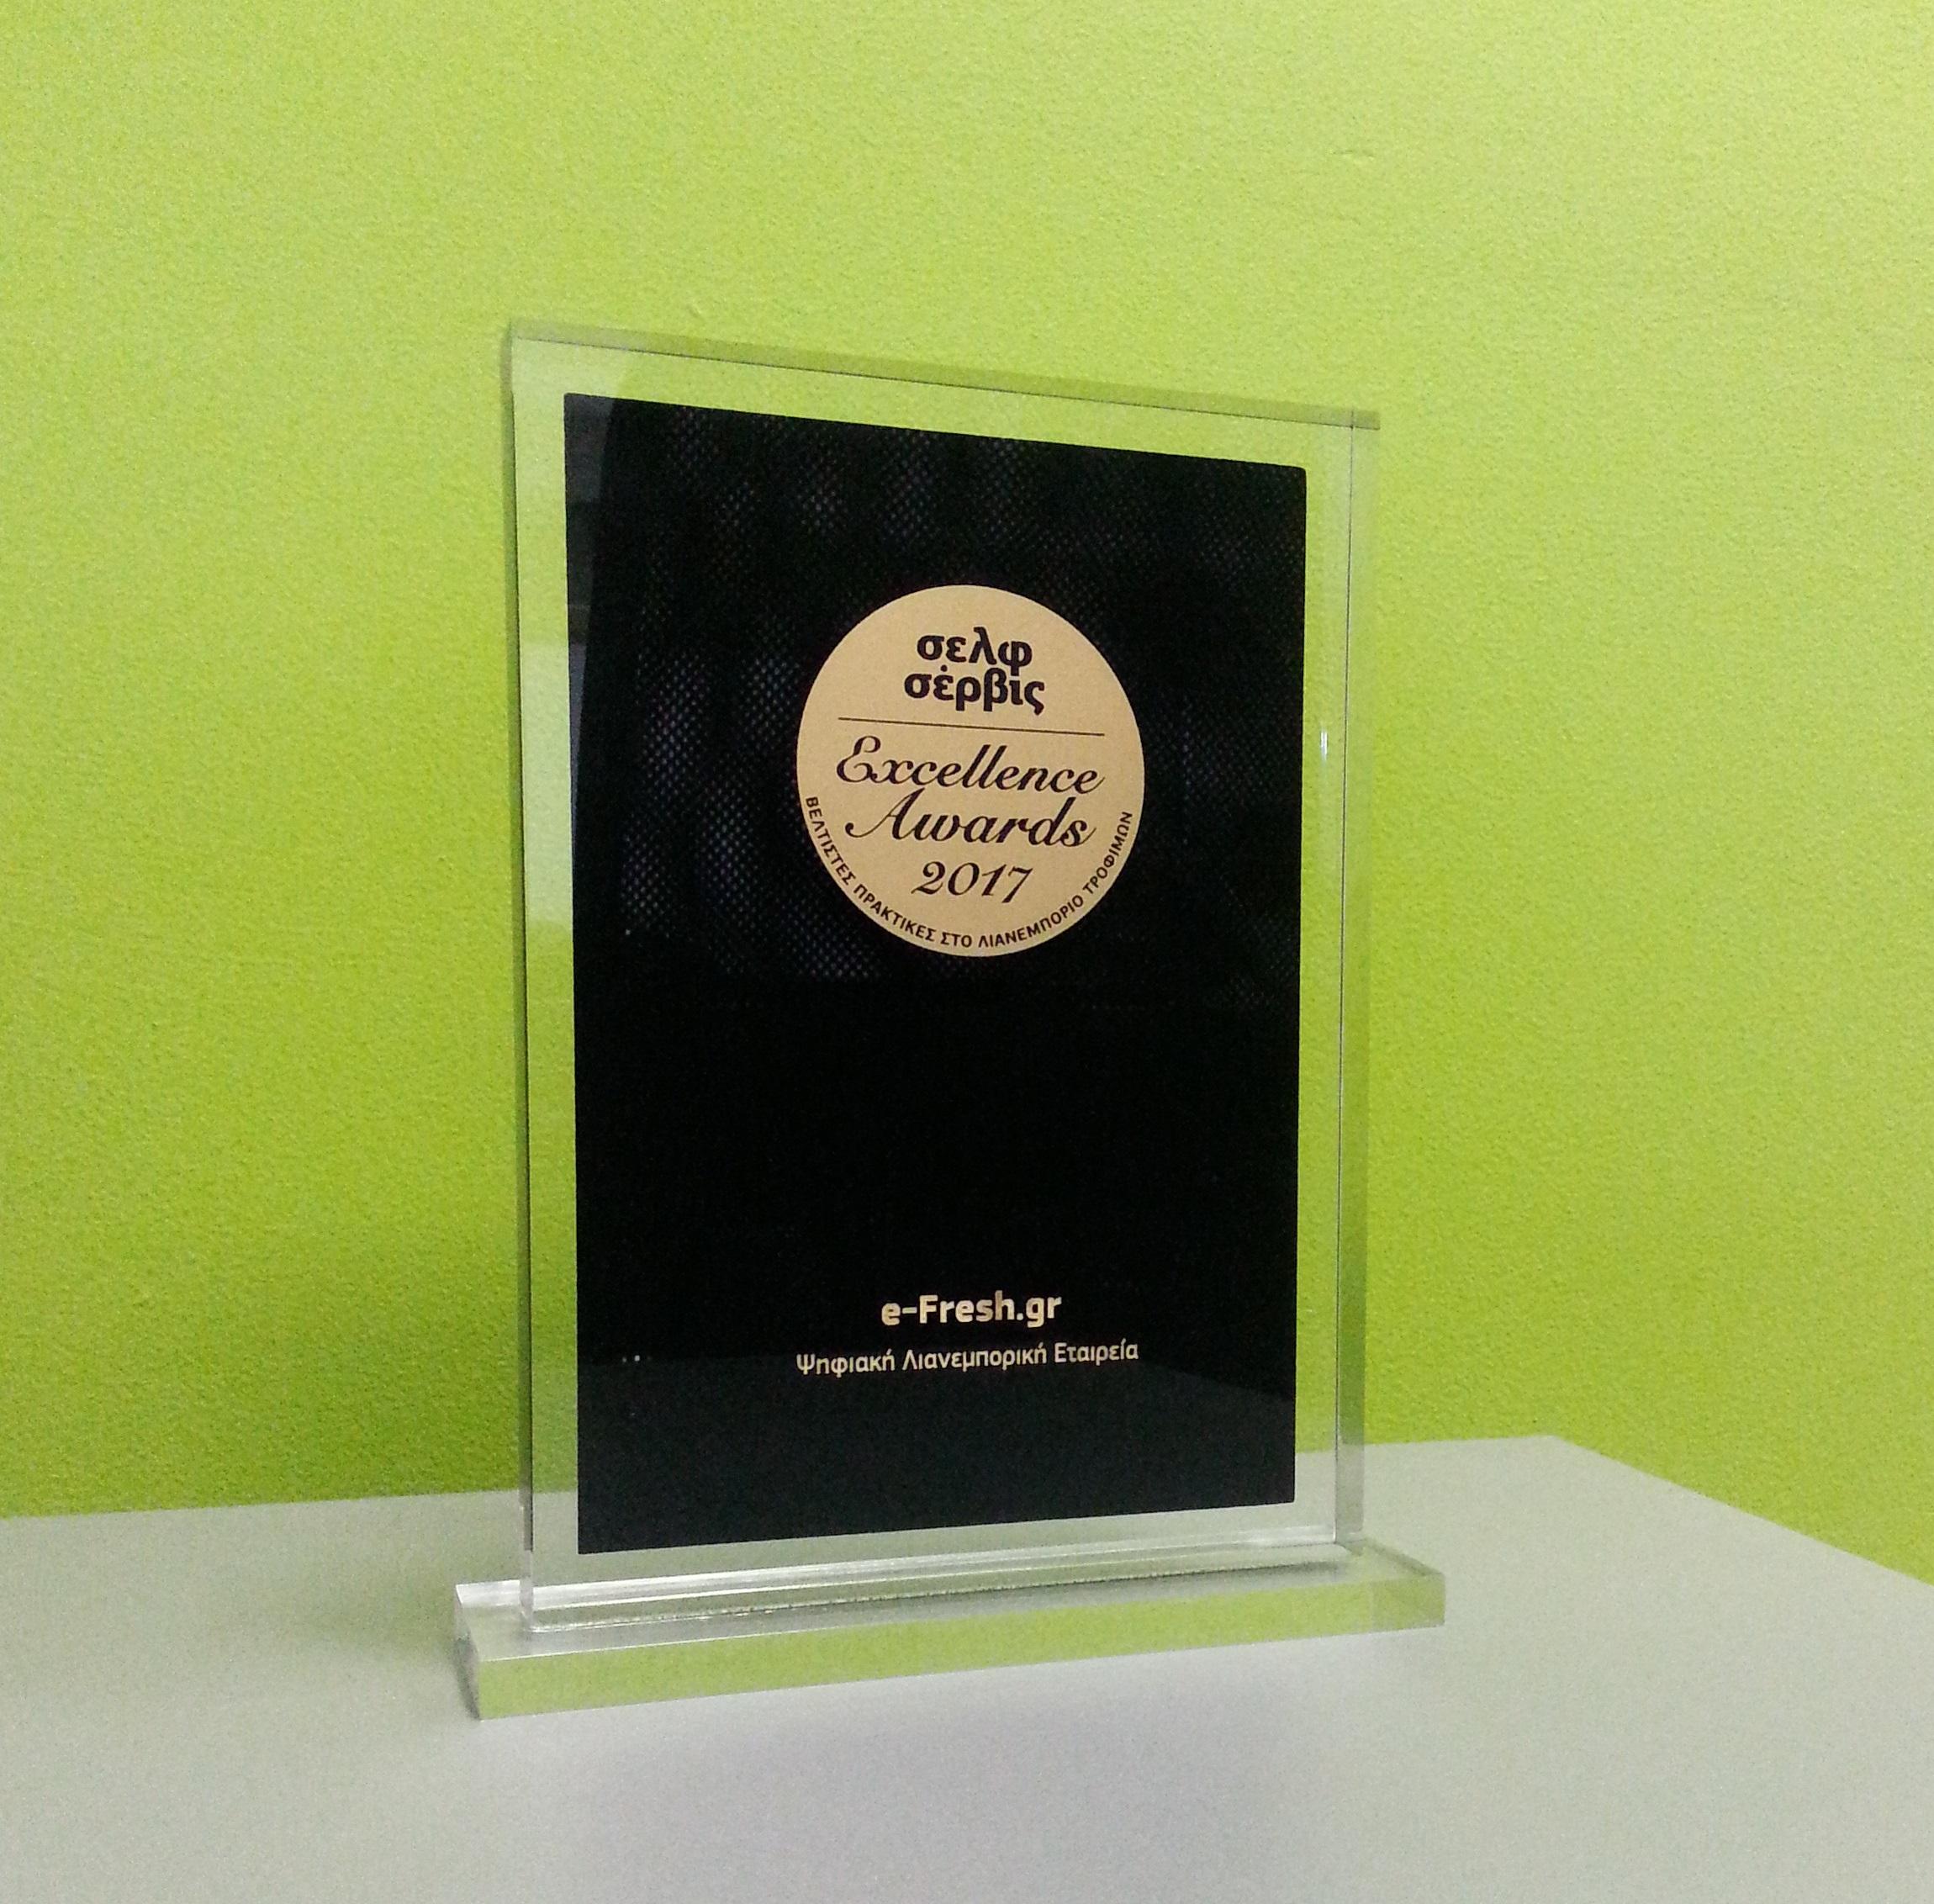 e-Fresh.gr Self Service Excellence Awards